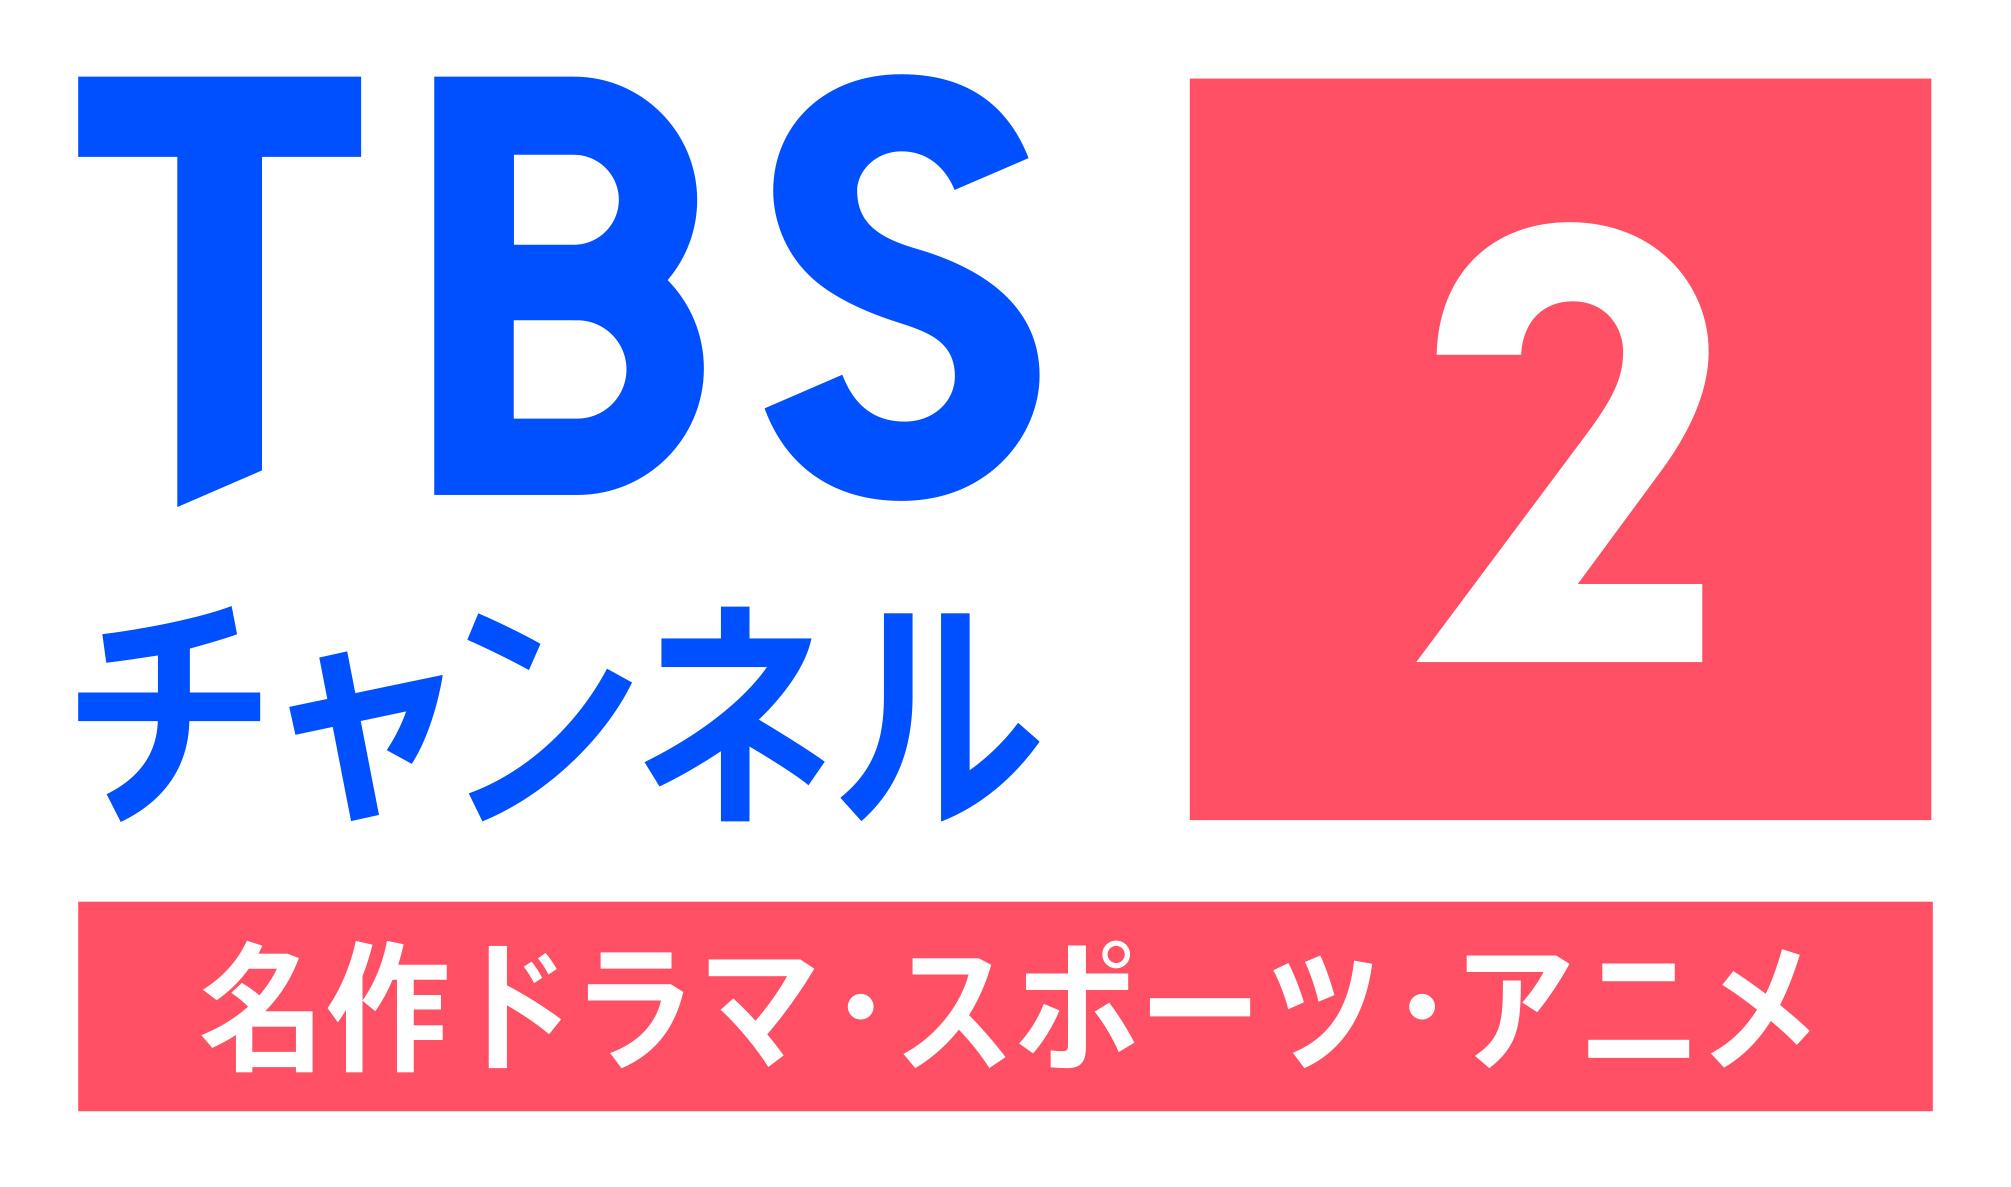 TBSチャンネル2